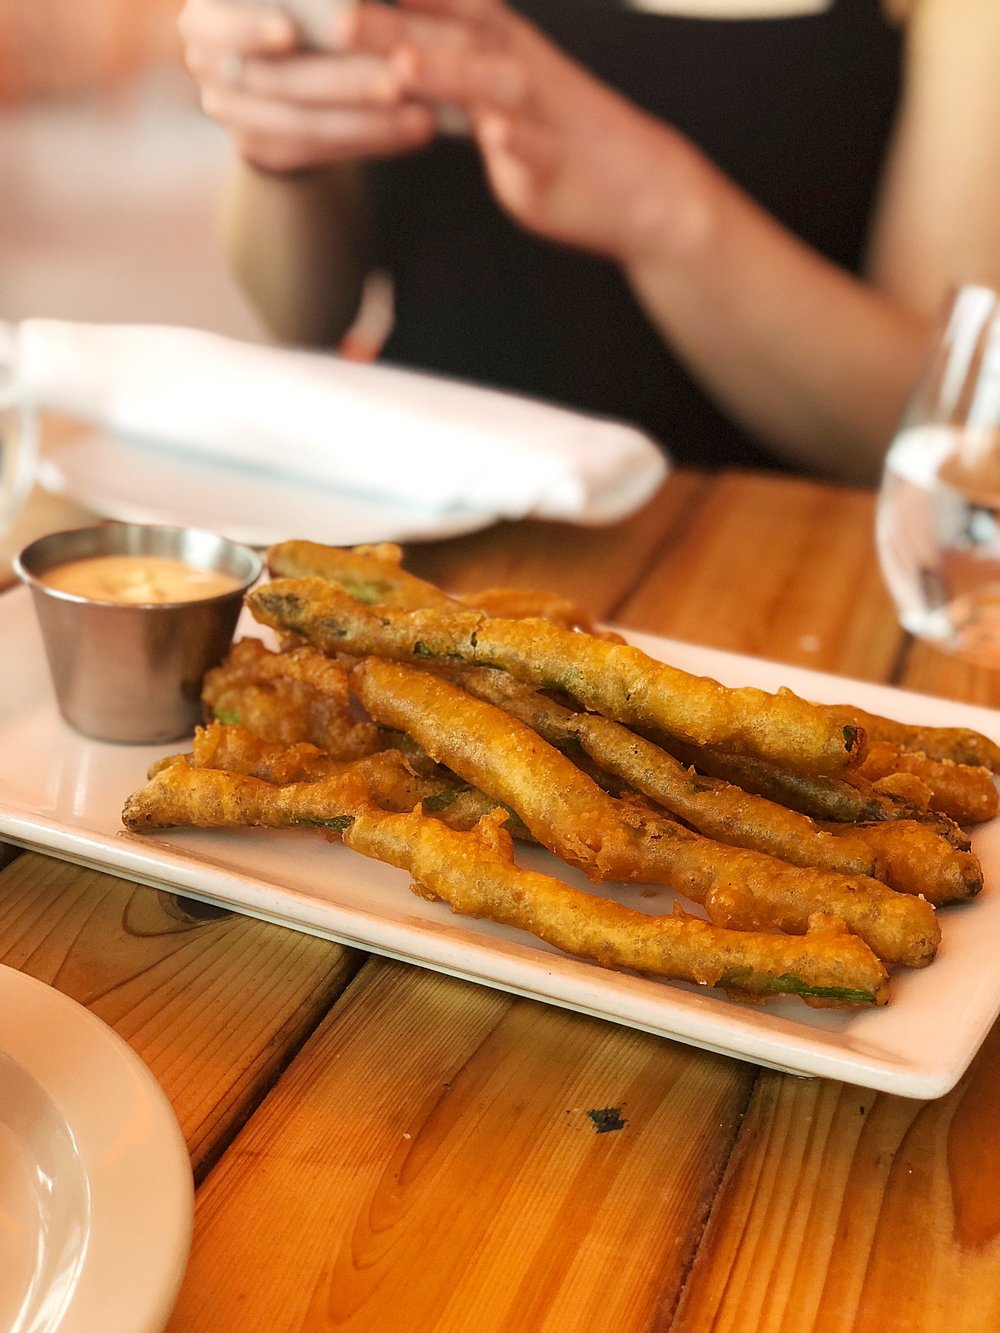 Asparagus fries with lemon Dijon aioli